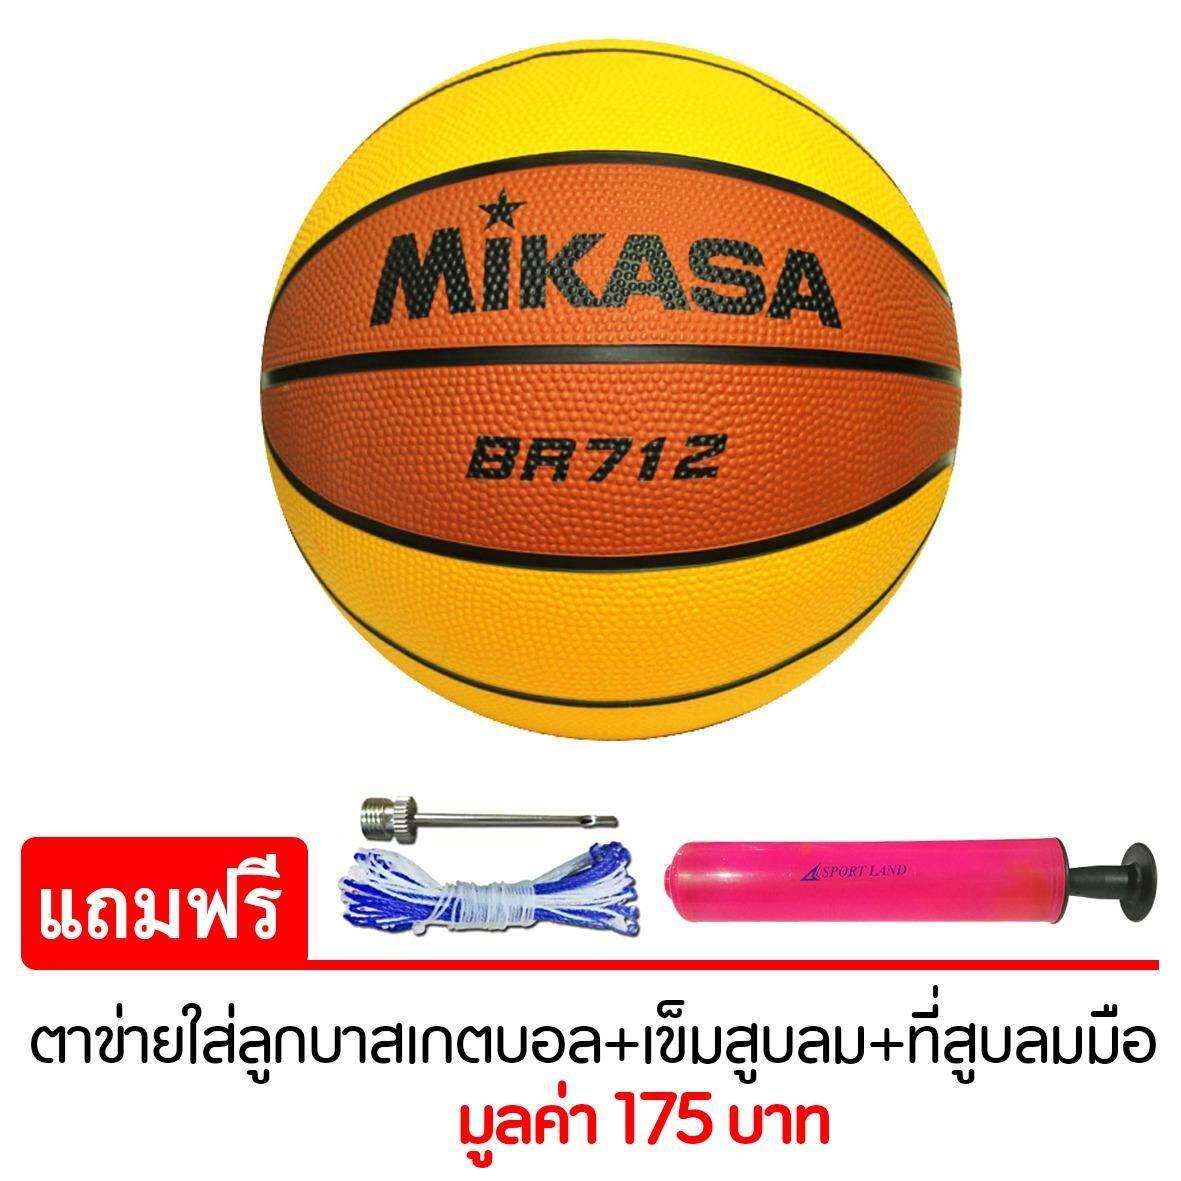 ราคา Mikasa บาสเก็ตบอล Basketball Mks Rb Br712 แถมฟรี ตาข่ายใส่ลูกบาสเกตบอล เข็มสูบสูบลม สูบมือ Spl รุ่น Sl6 สีชมพู Mikasa ใหม่